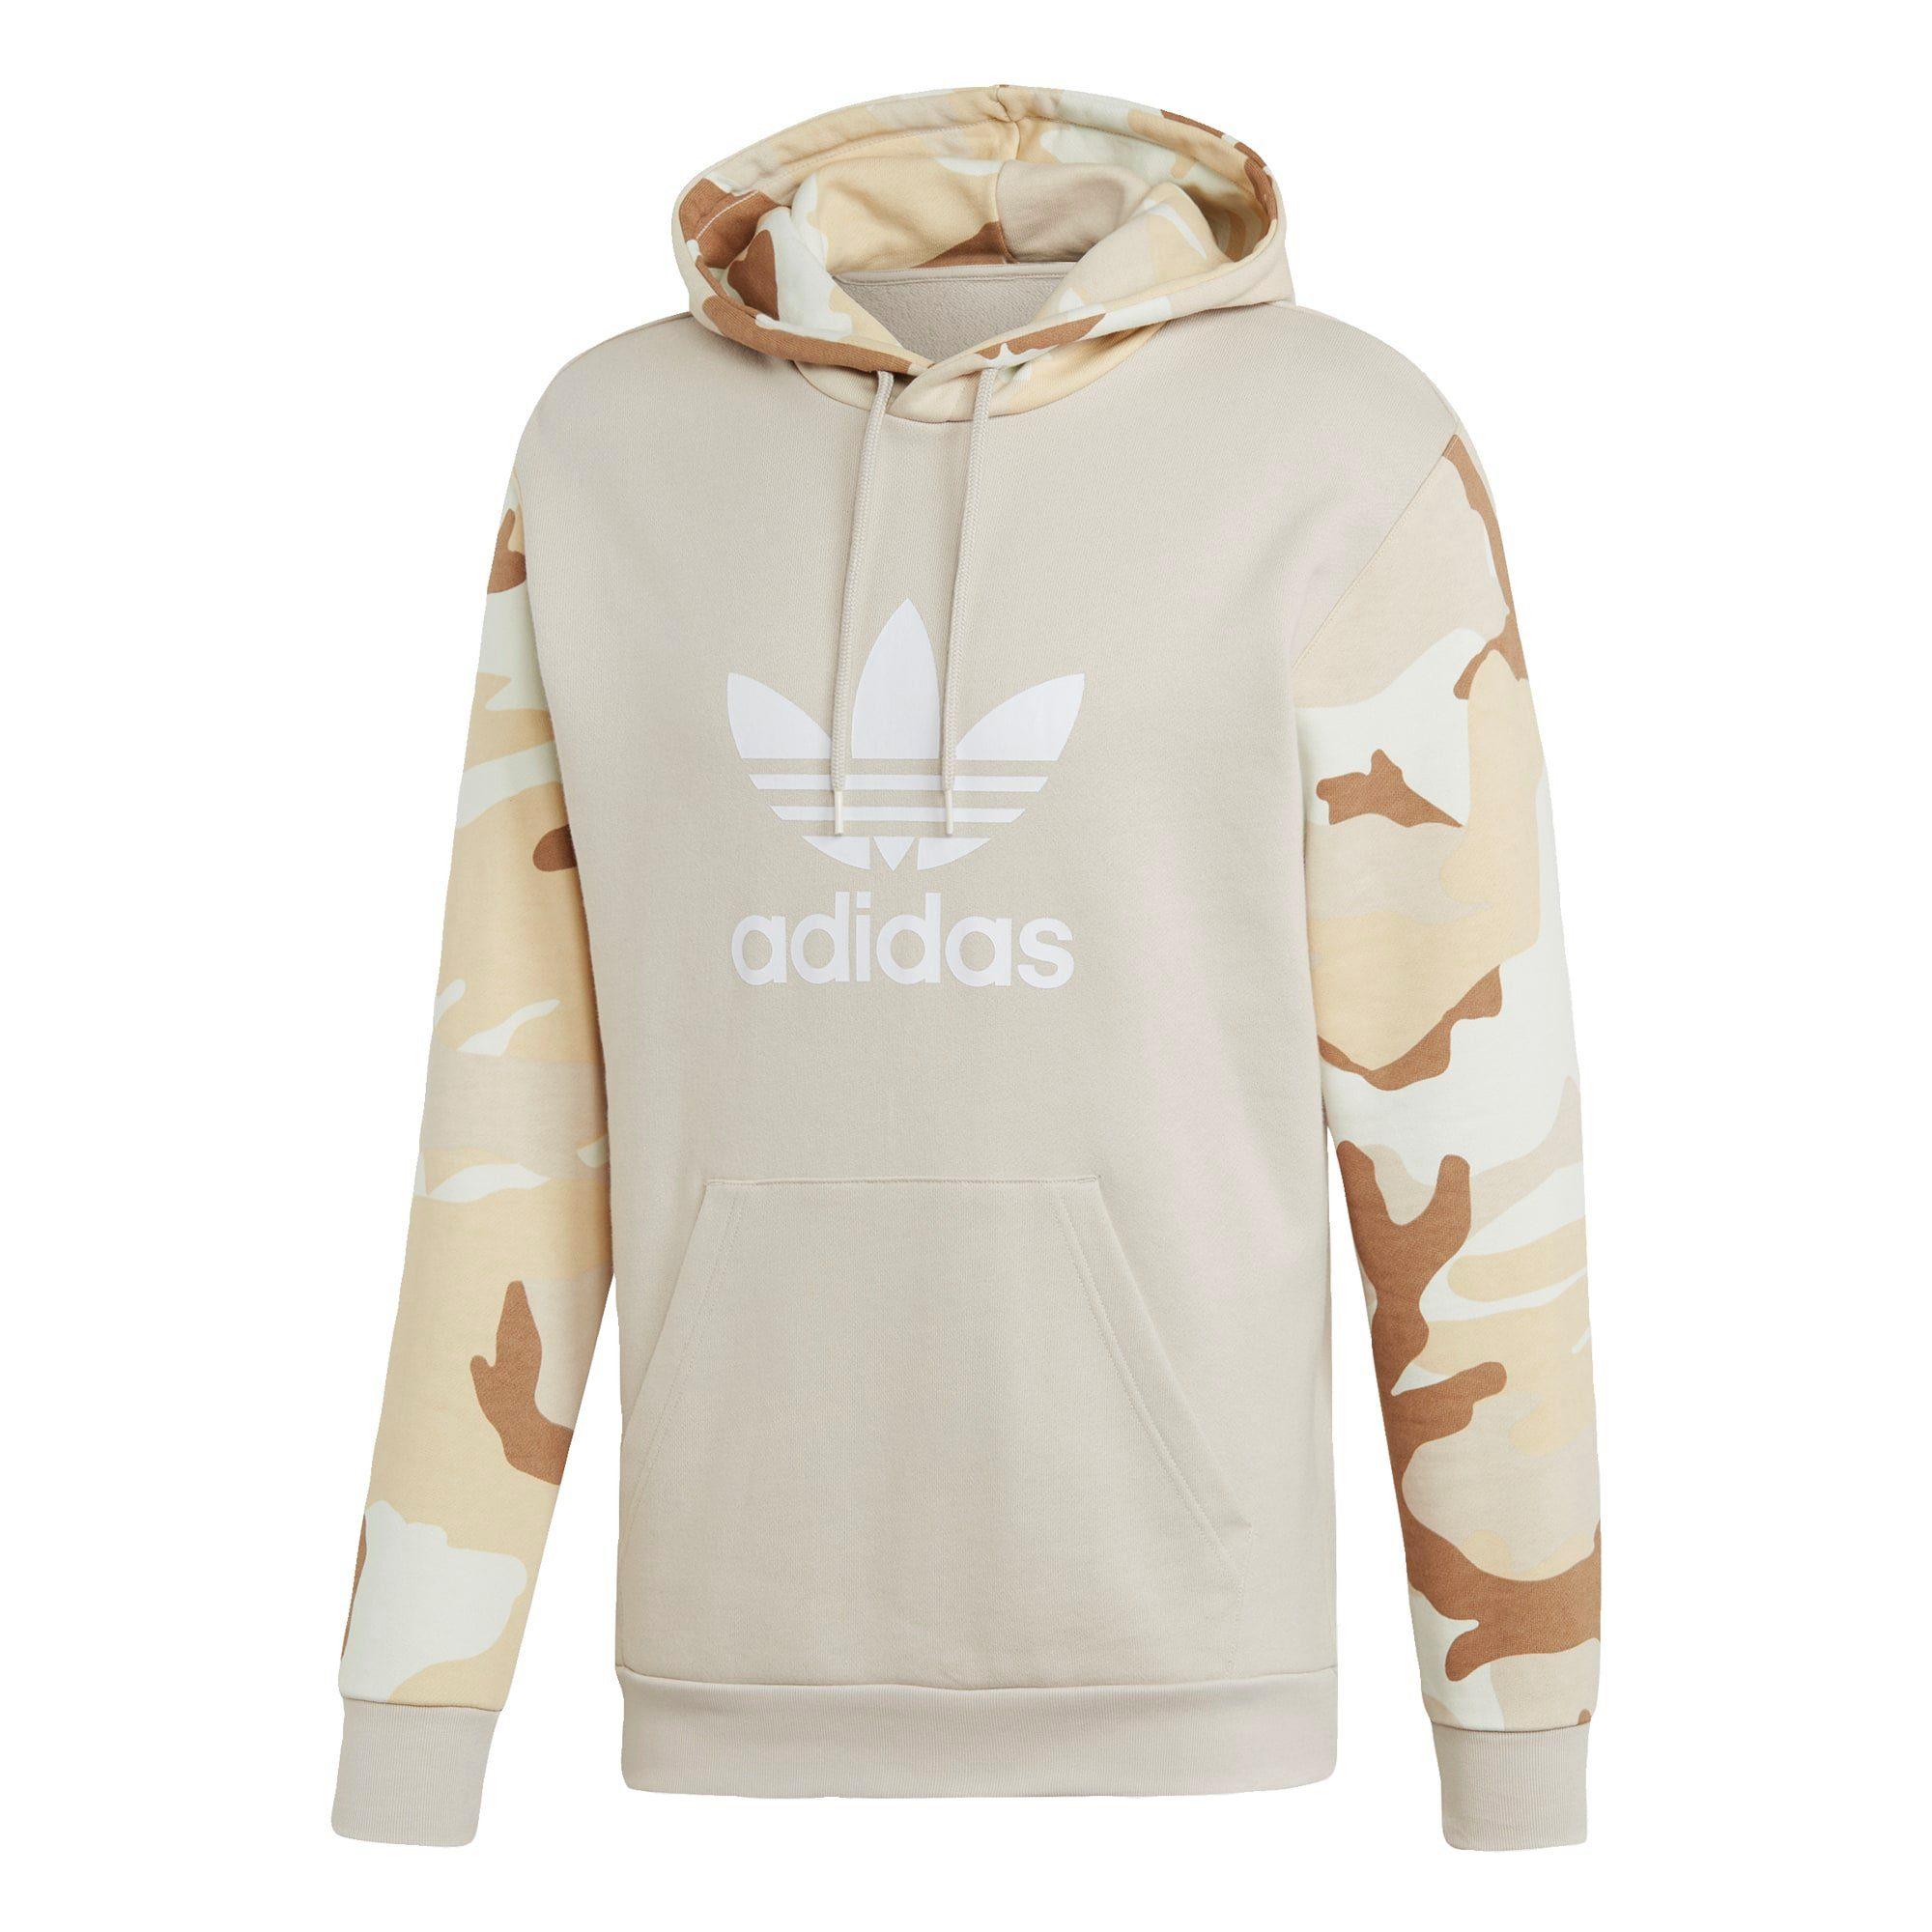 adidas Originals Hoodie »Camouflage Hoodie« Graphics, Regulär geschnitten online kaufen | OTTO